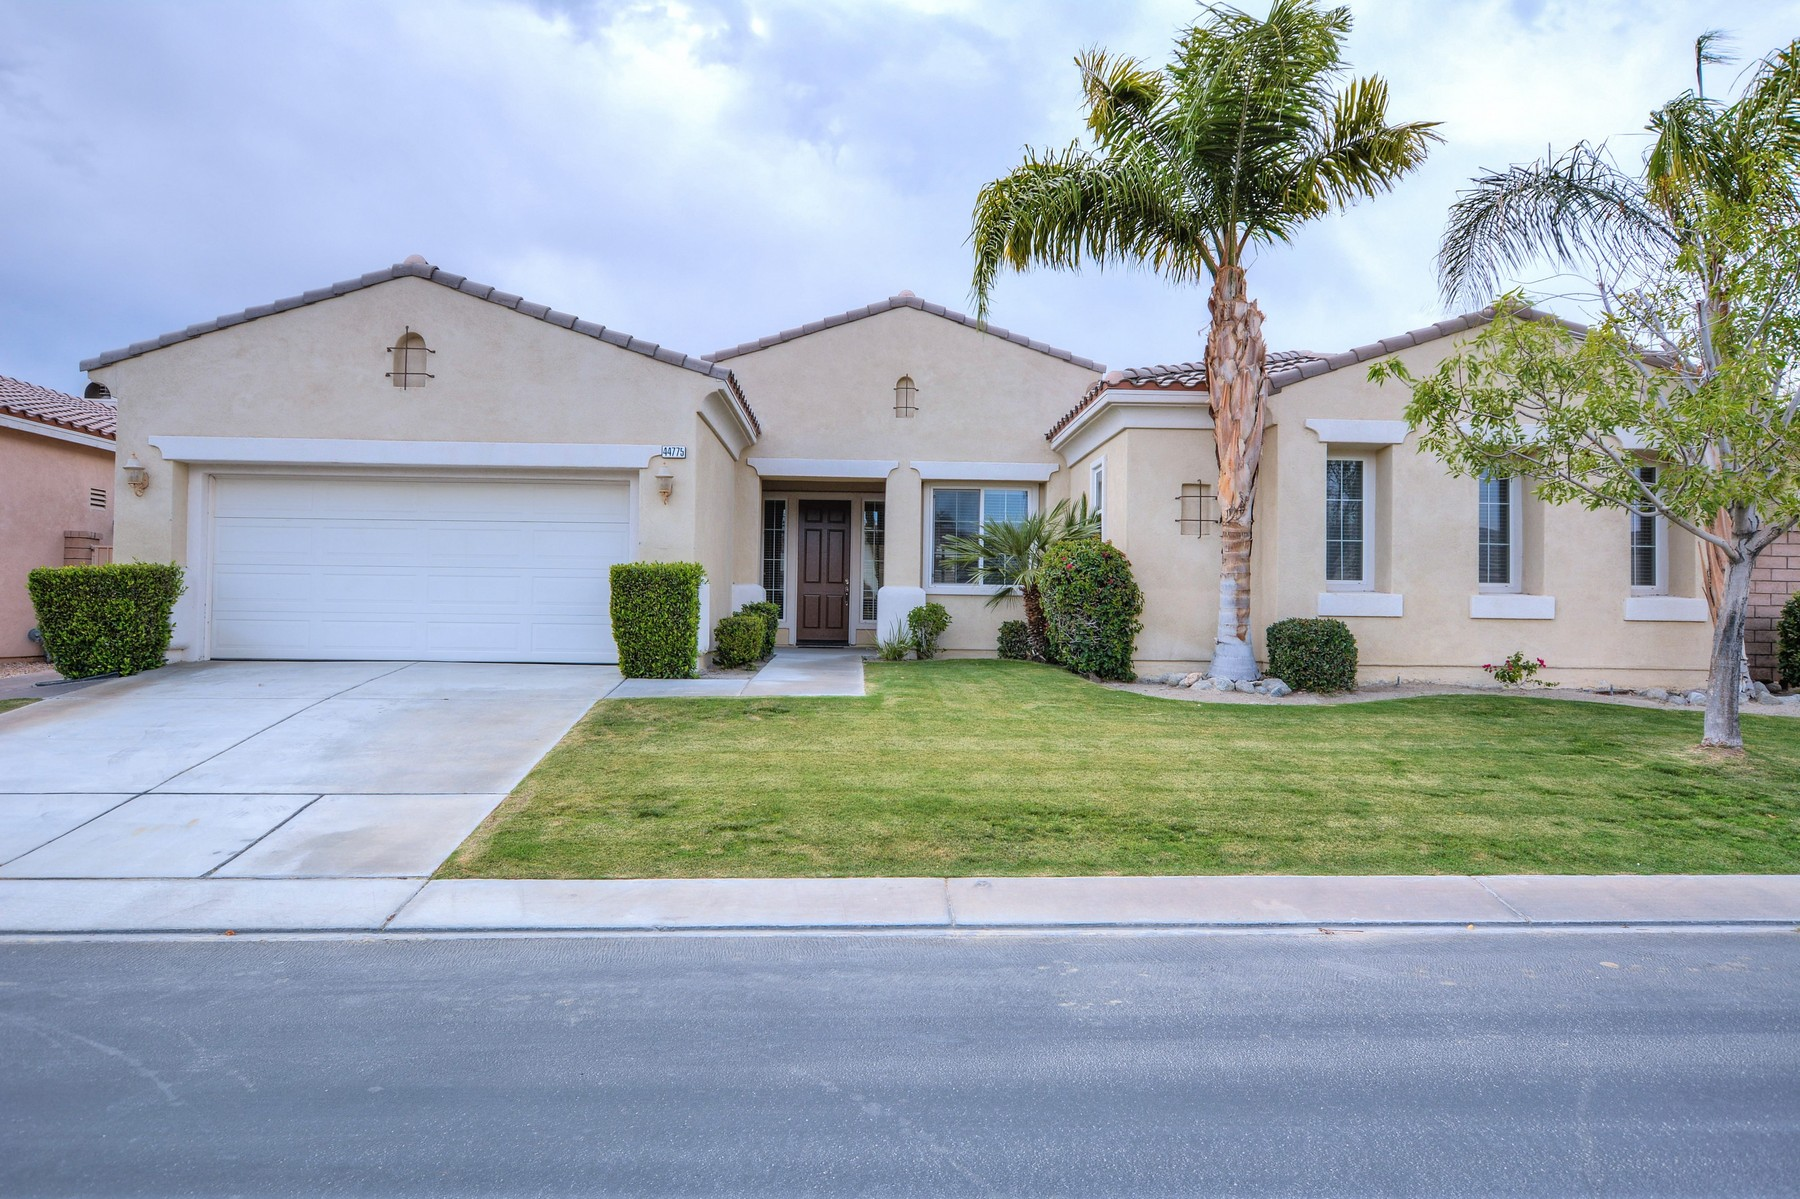 一戸建て のために 売買 アット 44775 Via Alondra La Quinta, カリフォルニア, 92253 アメリカ合衆国